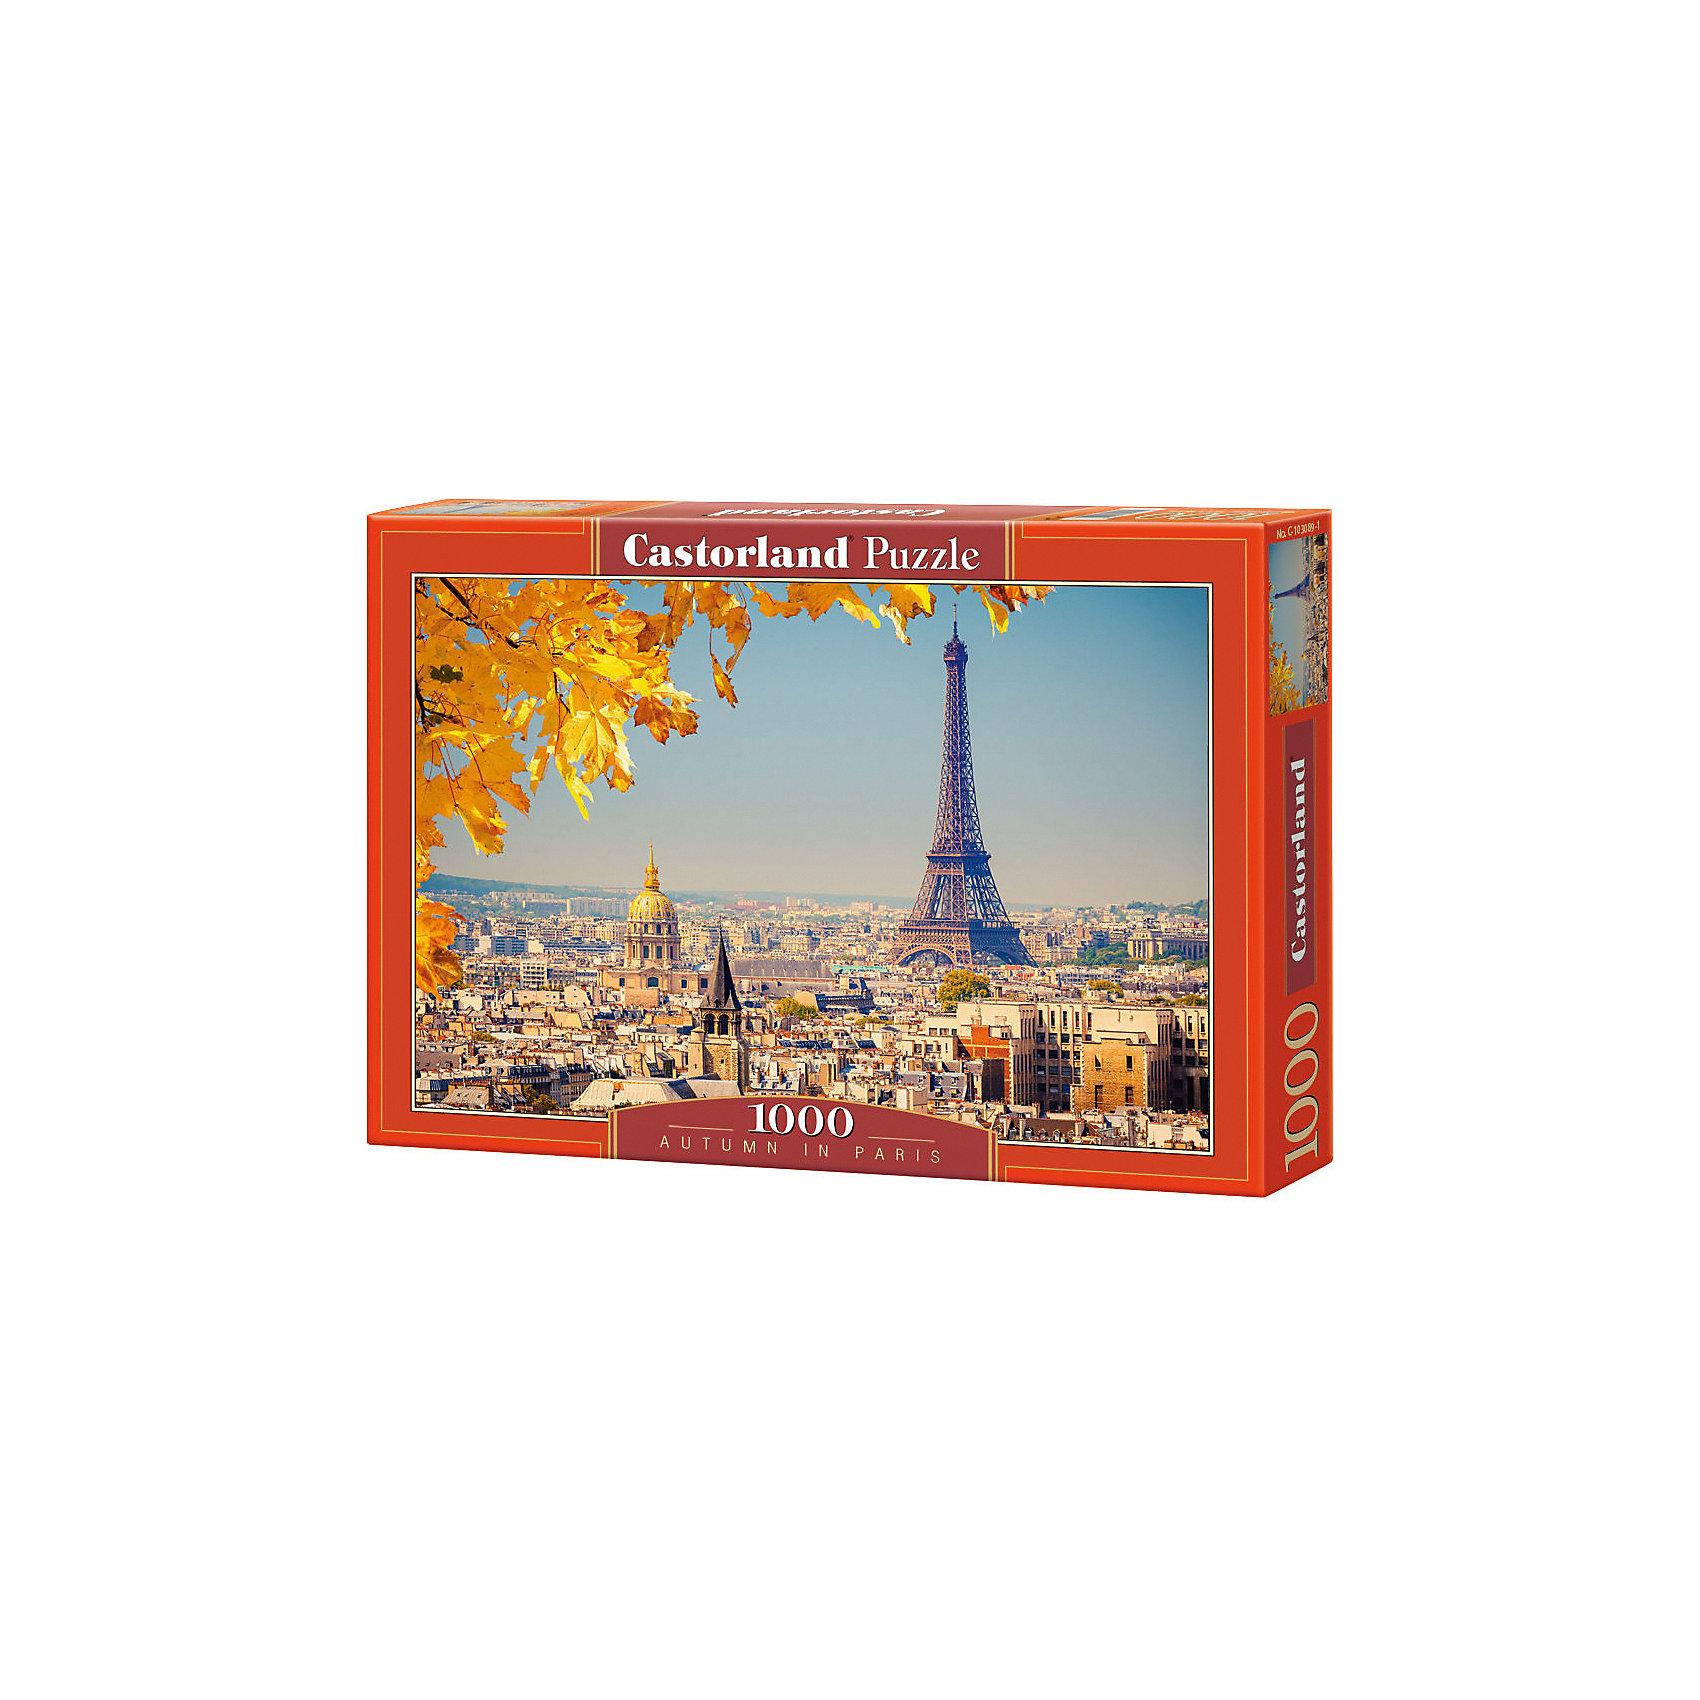 Пазл Осень в Париже, 1000 деталей, CastorlandКлассические пазлы<br>Насладиться великолепием осенних красок Вам поможет пазл «Осень в Париже», Castorland (Касторленд).  Собрав пазл  из 1000 деталей плотного и качественного картона, Вы увидите легендарную  Эйфелеву башню, а также знаменитые парижские кварталы. Пазл прекрасно подойдет для семейного творчества и поможет увлекательно и с пользой провести не один вечер. Пазл «Осень в Париже» от  Castorland (Касторленд) не только доставит Вашему ребенку удовольствие, но и разовьет в нем усидчивость, внимание и логику. <br><br>Дополнительная информация:<br><br>- Уникальное качество деталей;<br>- Развивает: воображение, логику, мелкую моторику, память;<br>- Чудесное украшение интерьера;<br>- Прекрасная полиграфия;<br>- Материал: картон;<br>- Размеры коробки: 24,8 x 34,8 x 5,1 см;<br>- Размер готовой картинки: 68 х 48 см;<br>- Вес: 0,5кг.<br><br>Пазл « Осень в Париже», 1000 деталей, Castorland (Касторленд)  можно купить в нашем интернет-магазине.<br><br>Ширина мм: 350<br>Глубина мм: 50<br>Высота мм: 250<br>Вес г: 500<br>Возраст от месяцев: 168<br>Возраст до месяцев: 1188<br>Пол: Унисекс<br>Возраст: Детский<br>Количество деталей: 1000<br>SKU: 3849111